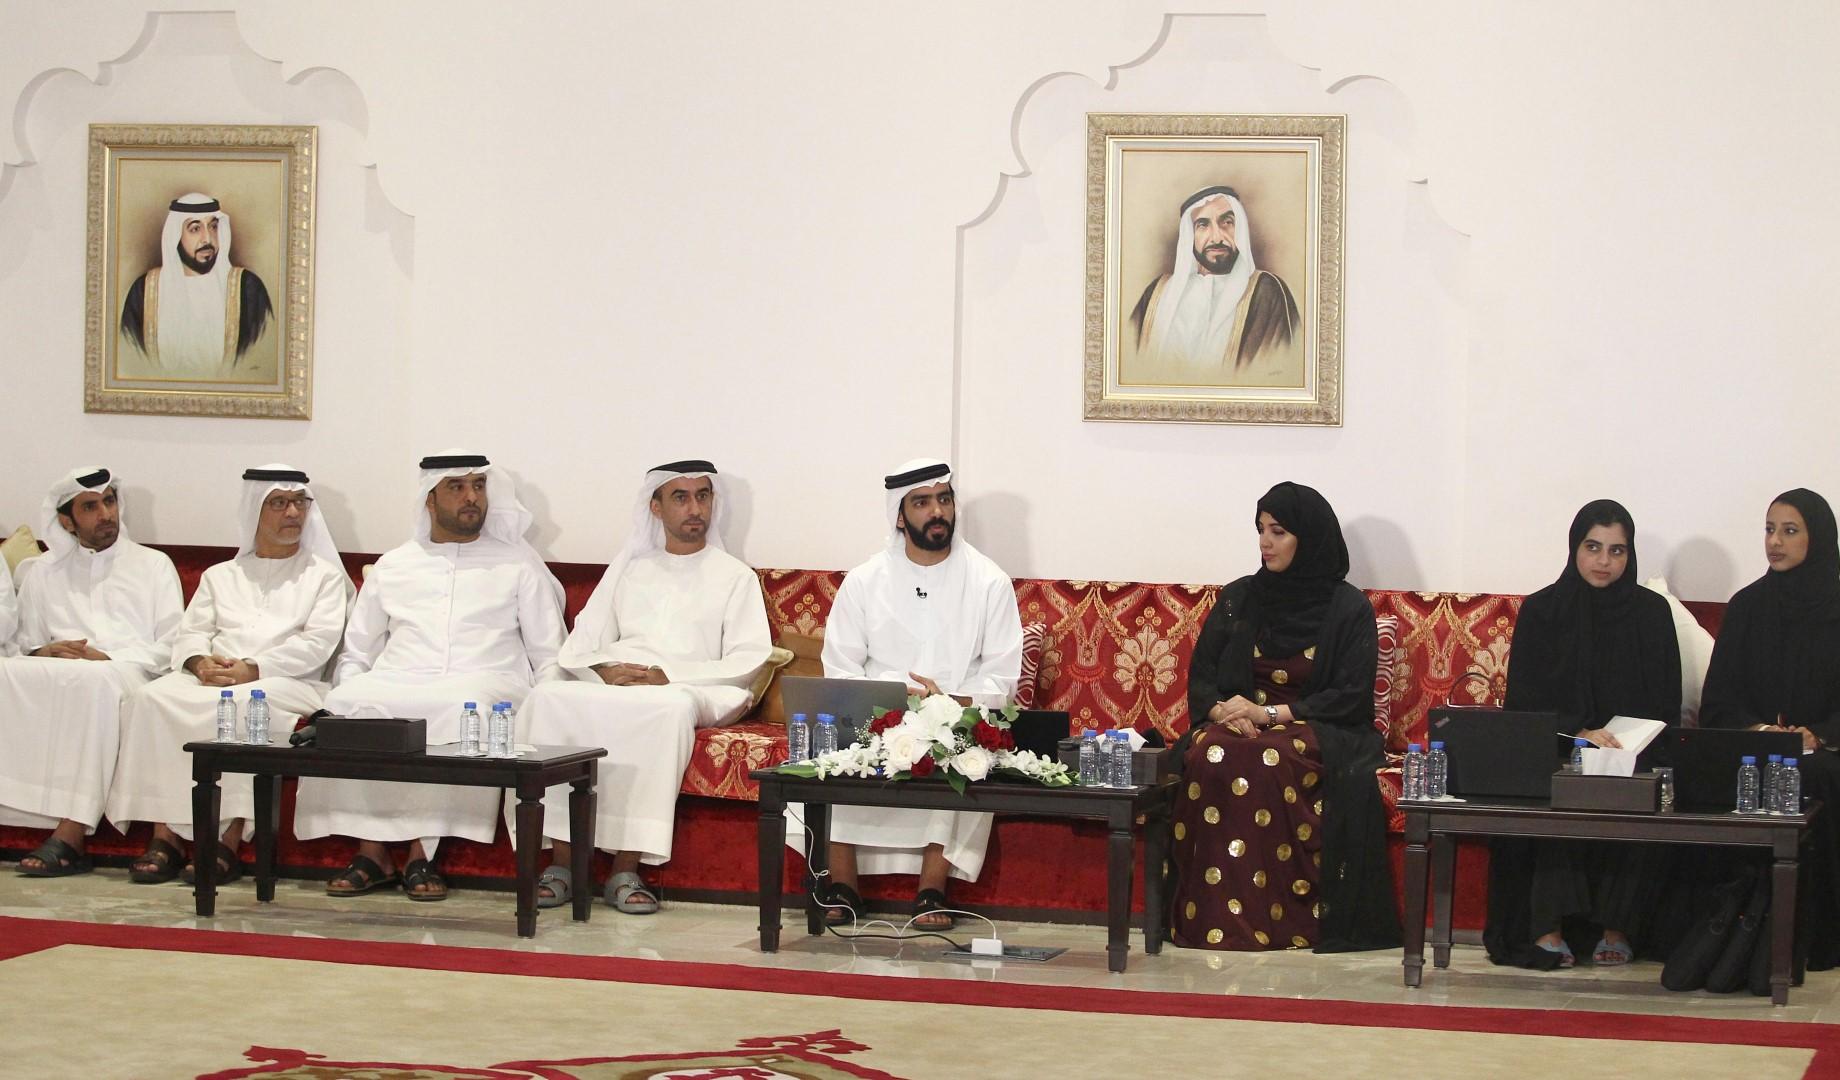 """""""جائزة أبوظبي"""" تحث أفراد المجتمع على ترشيح أشخاص قاموا بأعمال خيرة"""